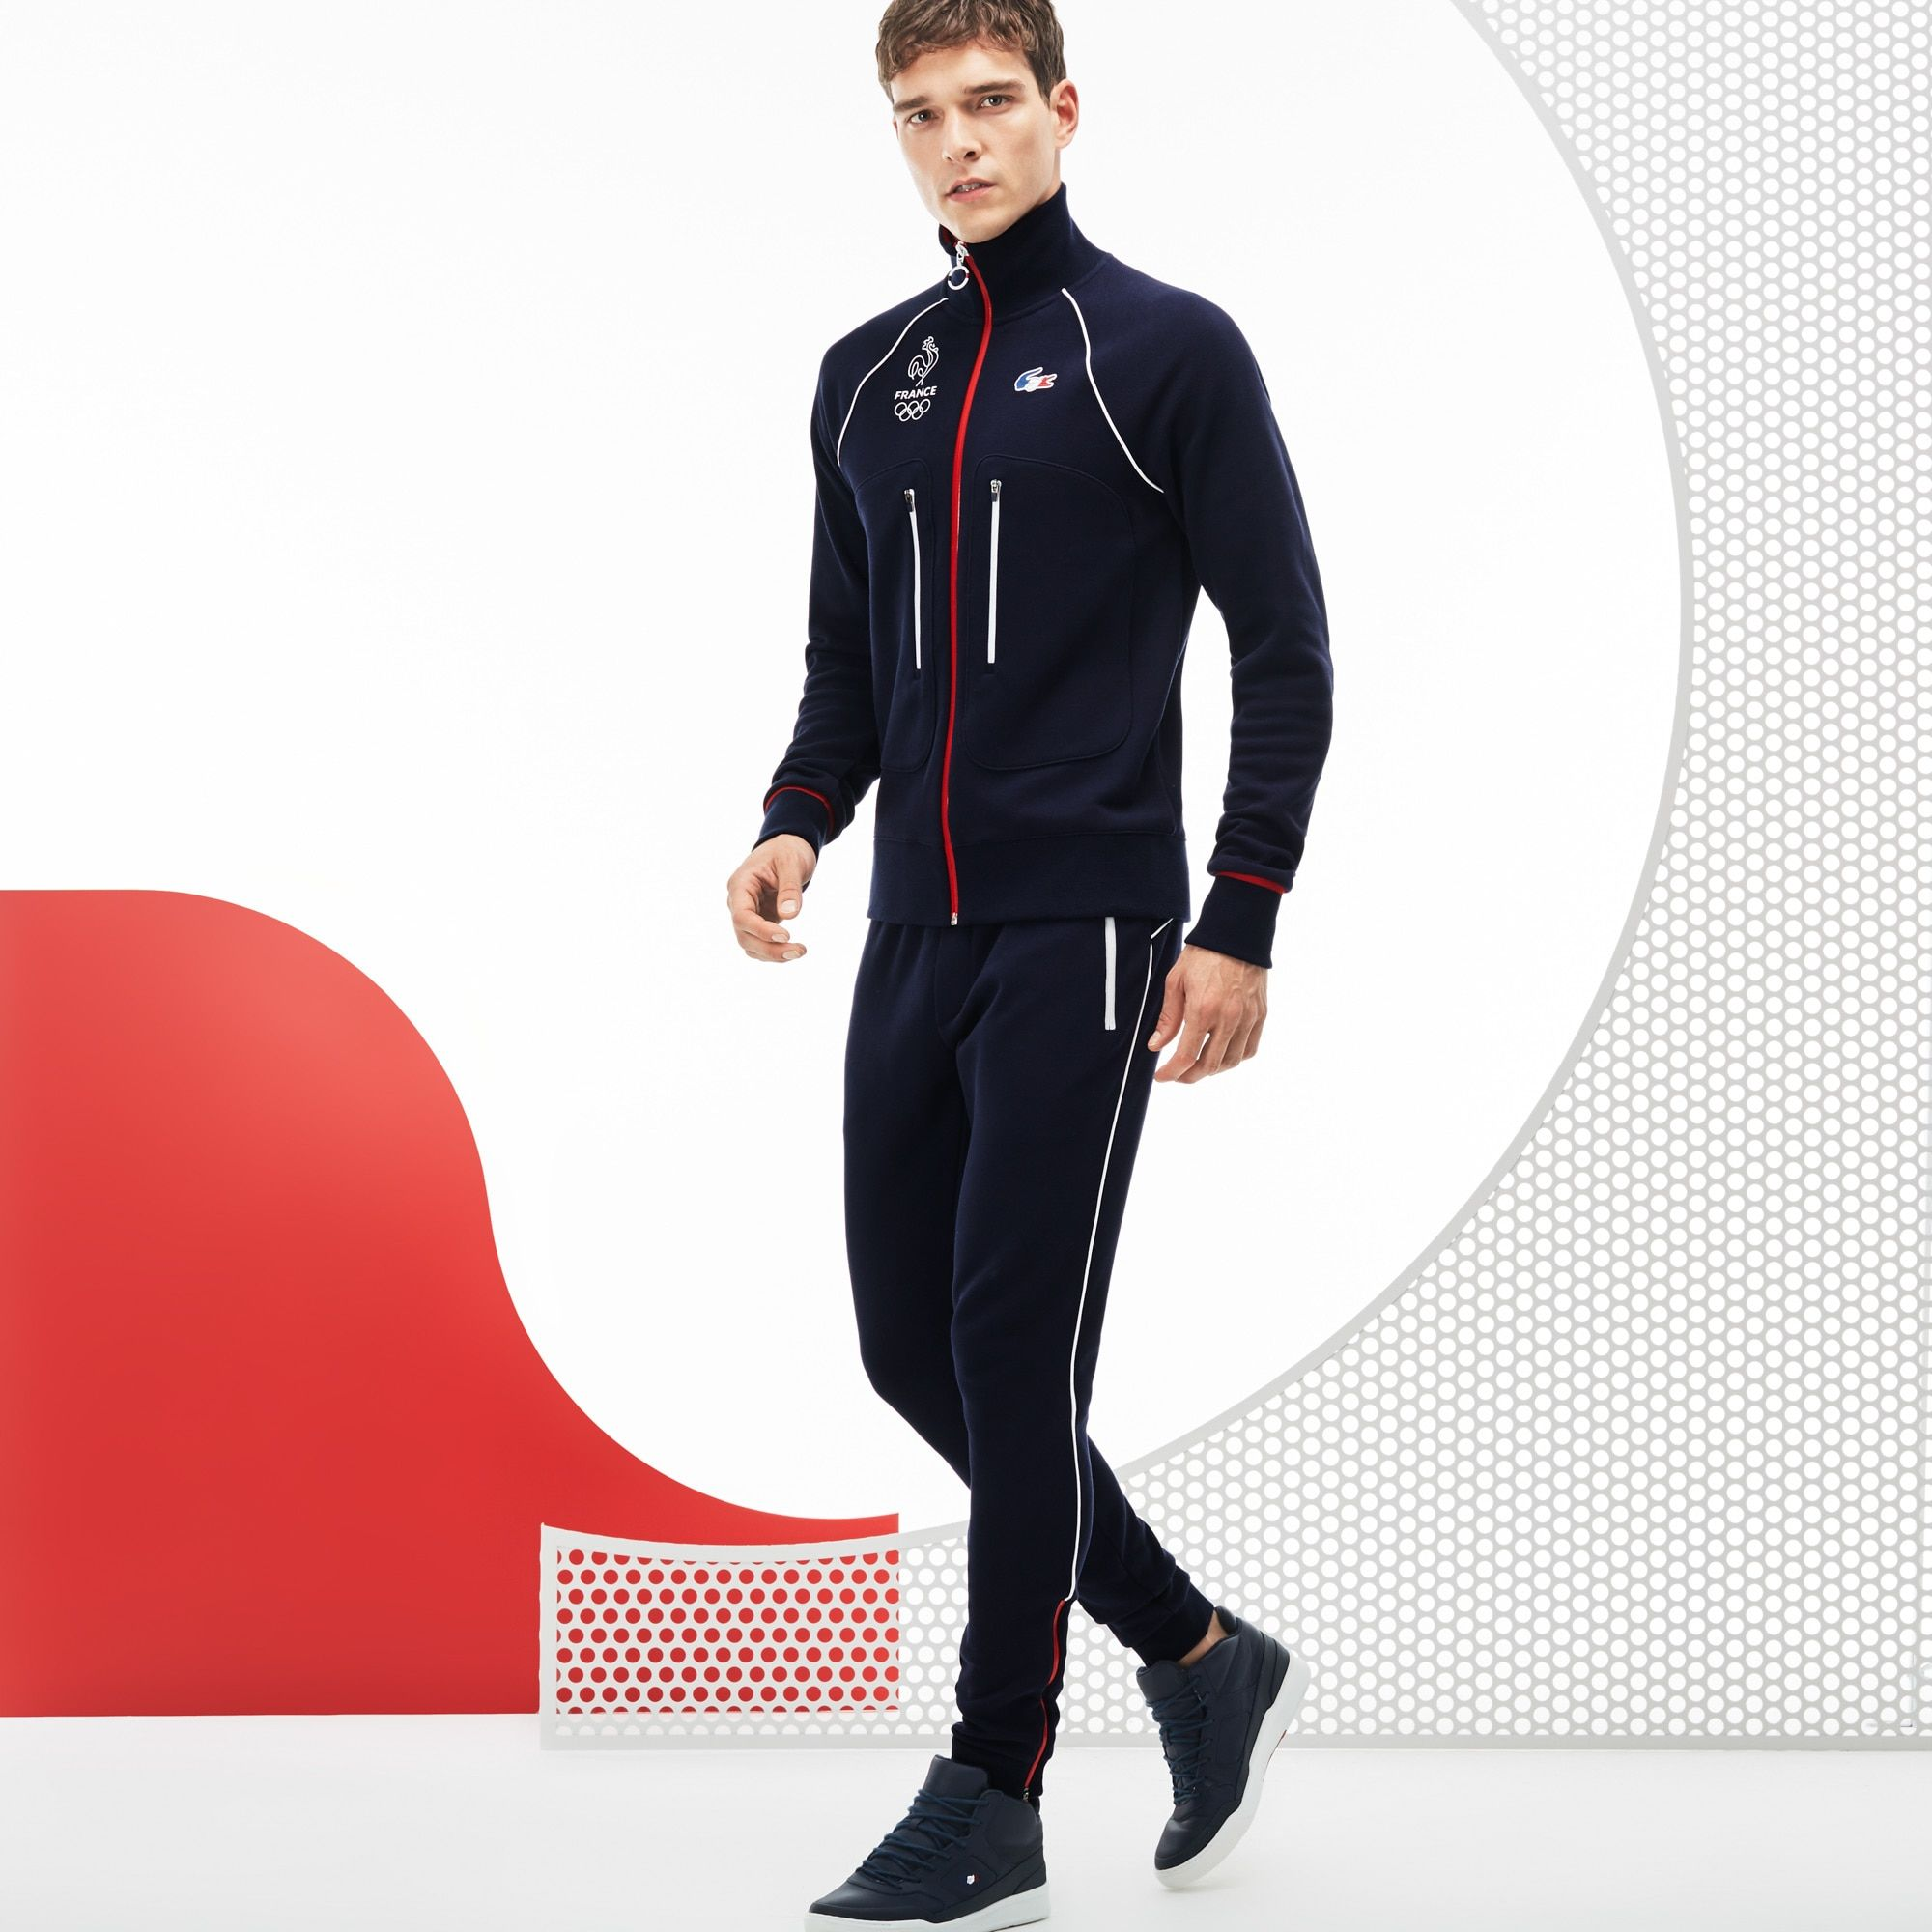 b45f59e27b4 Pantalon de survêtement Lacoste SPORT en molleton Collection France  Olympique